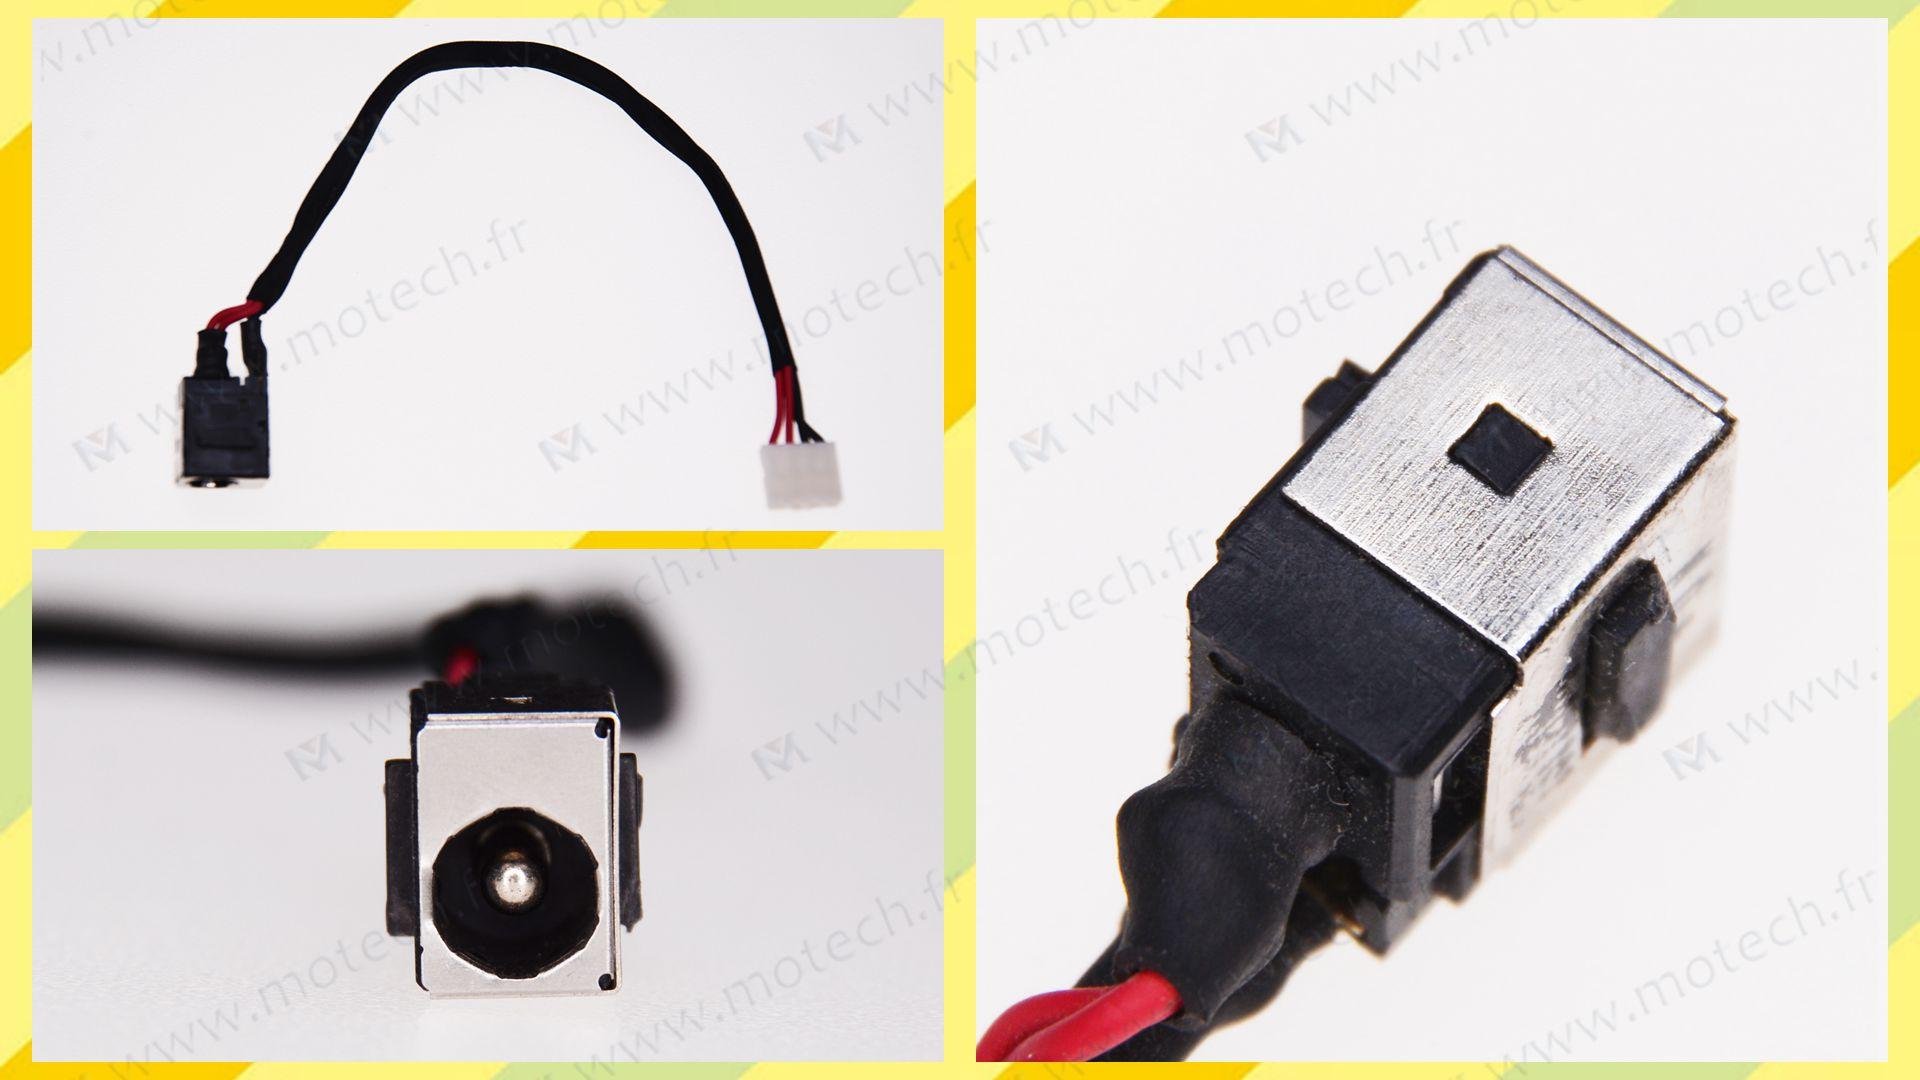 Toshiba A50-A-170 charging connector, Toshiba A50-A-170 DC Power Jack, Toshiba A50-A-170 DC IN Cable, Toshiba A50-A-170 Power Jack, Toshiba A50-A-170 plug, Toshiba A50-A-170 Jack socket, Toshiba A50-A-170 connecteur de charge,